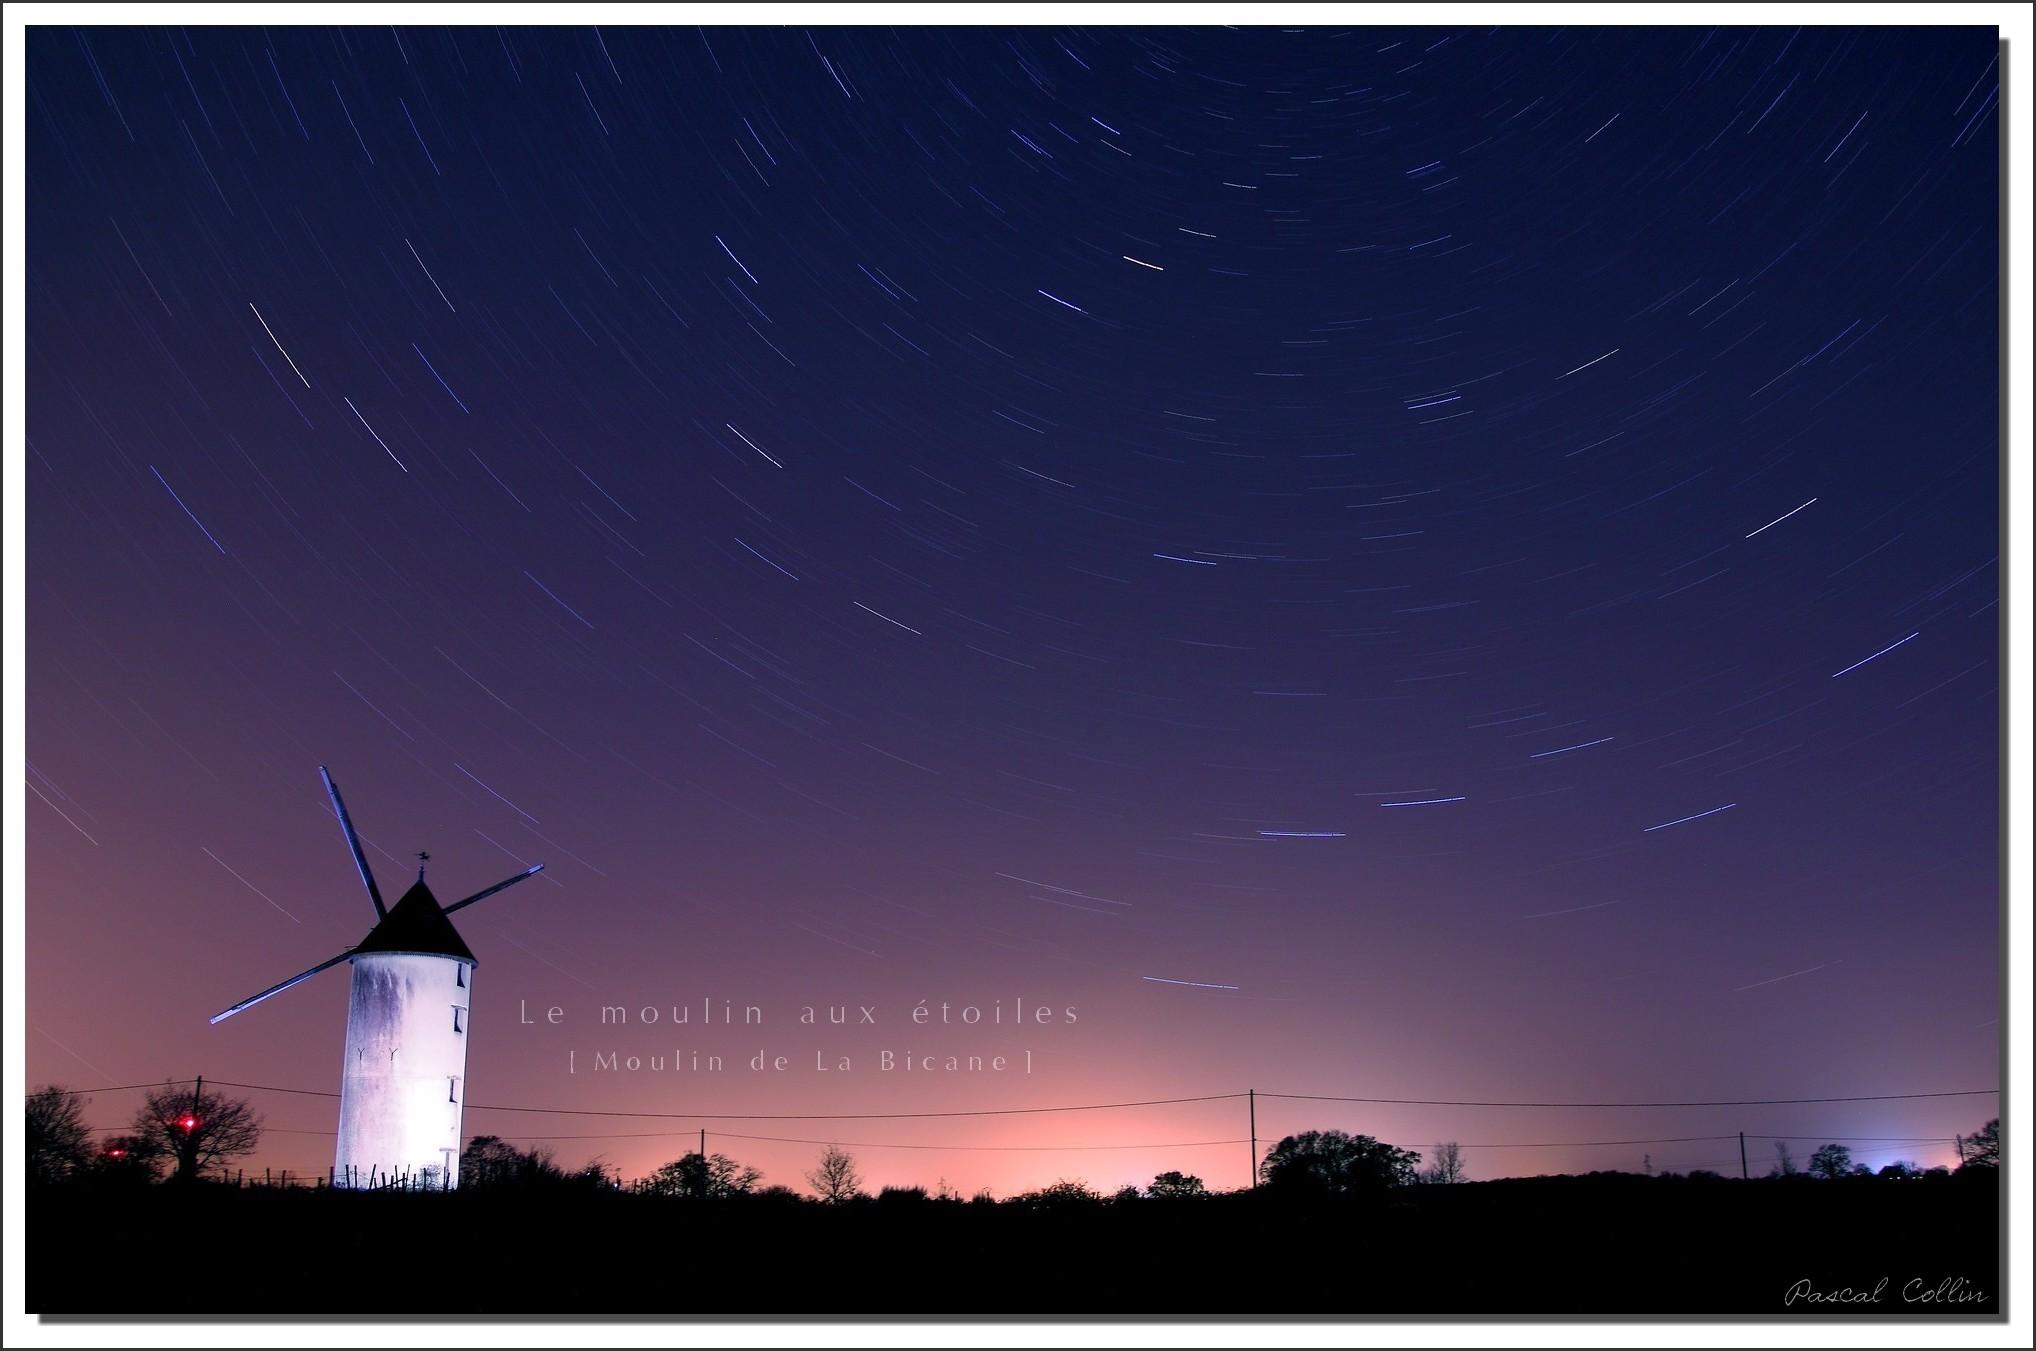 Le moulin de la Bicane